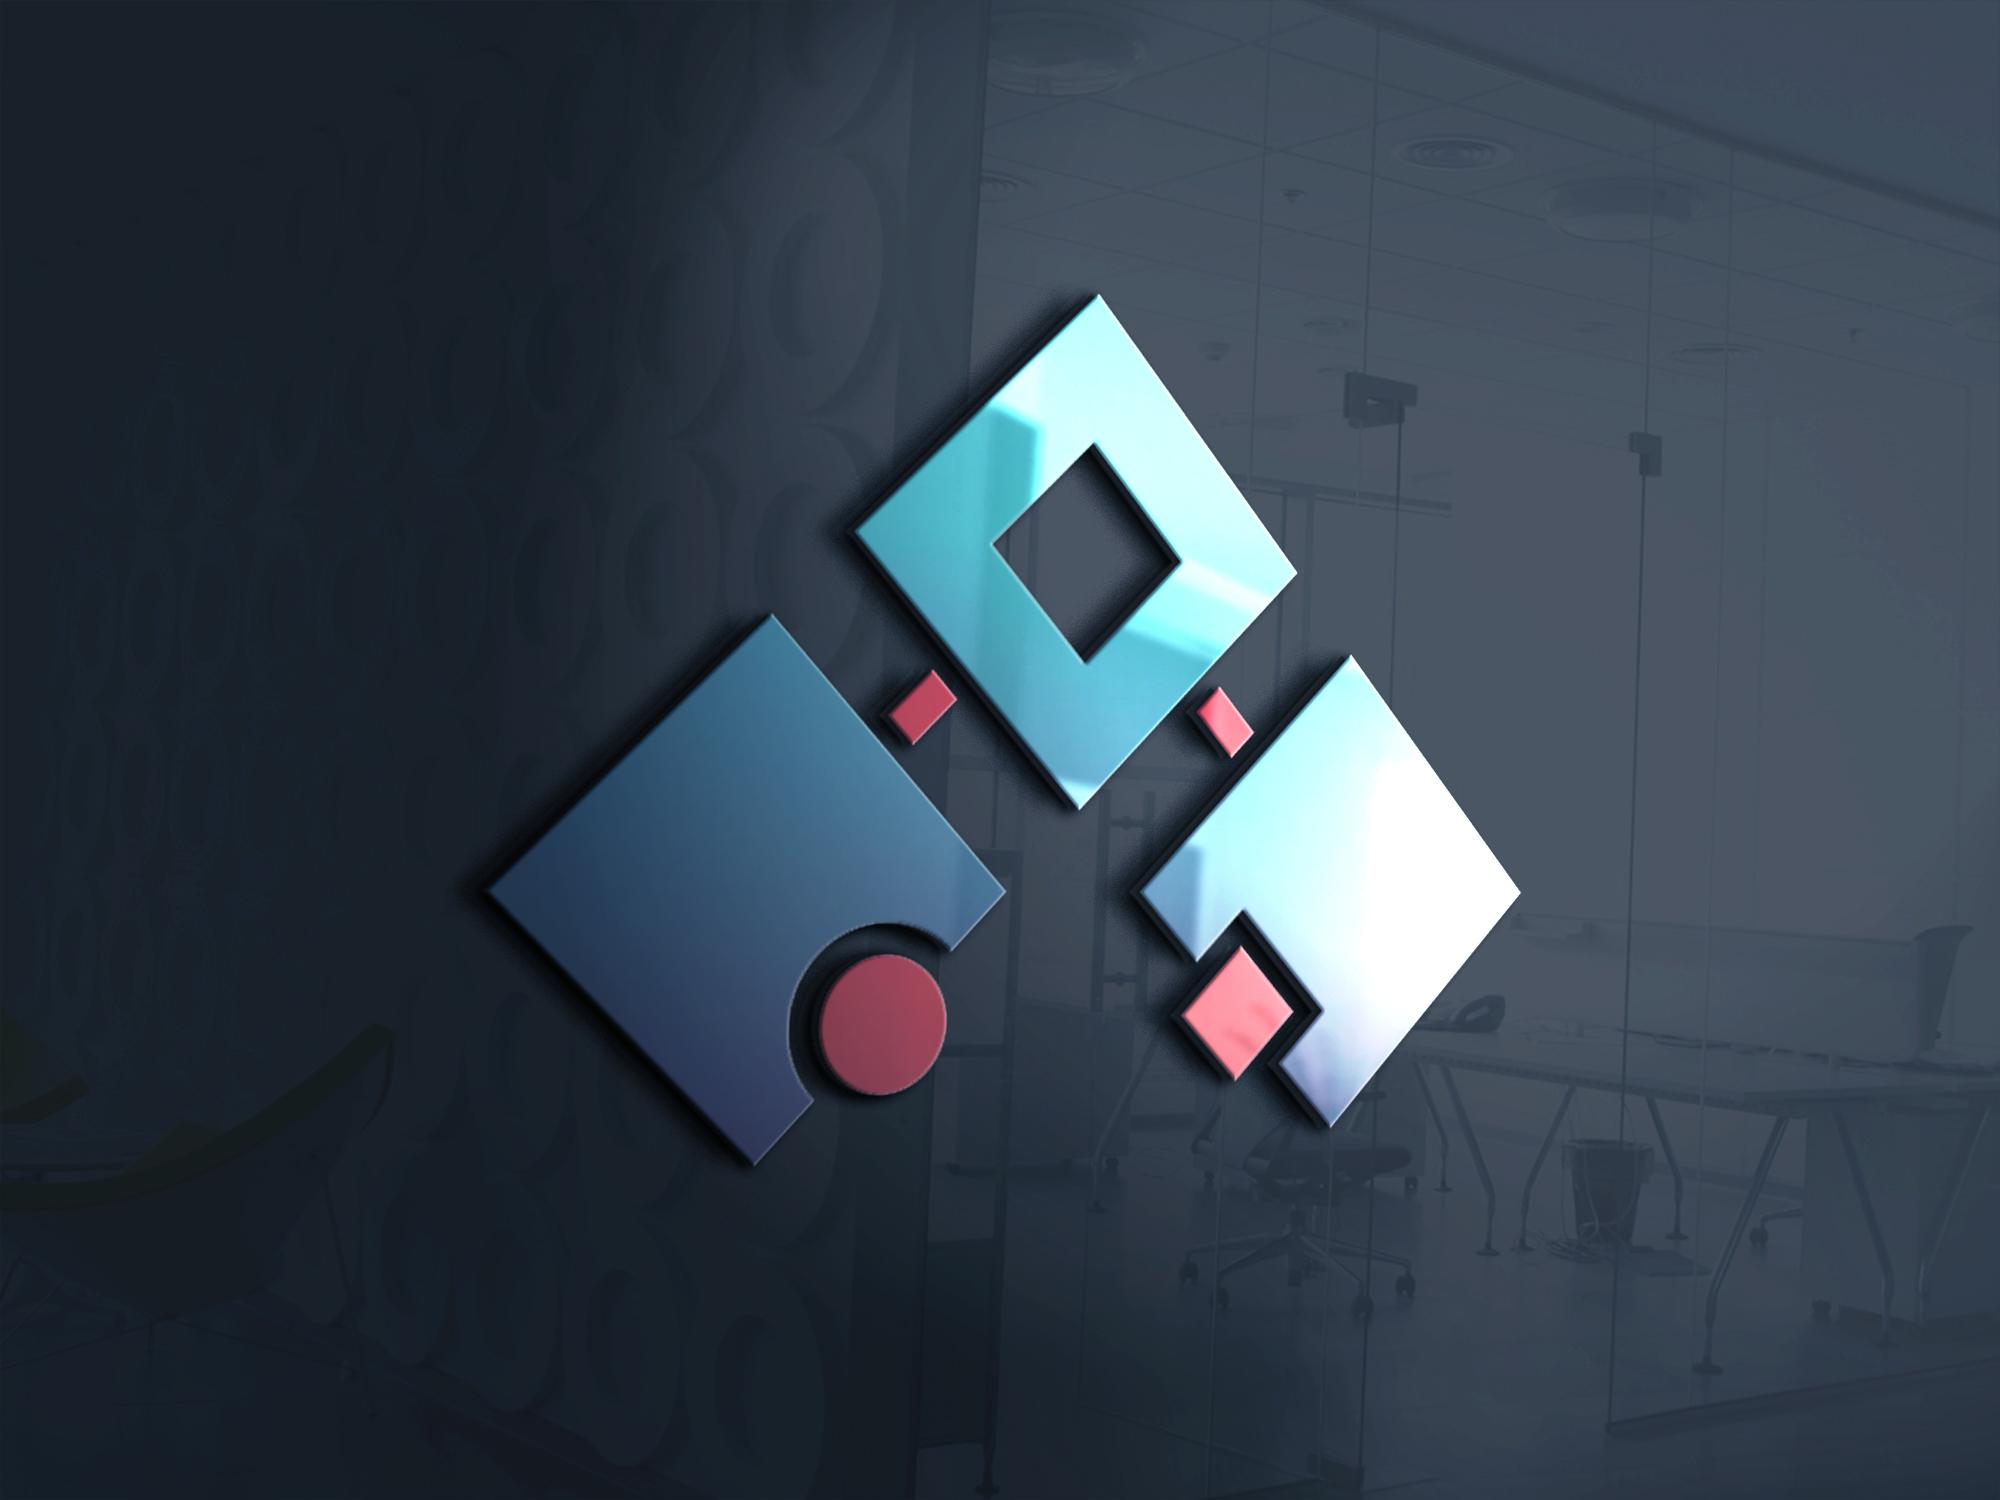 Дизайнер в сфере IT-технологий фото f_0935b5f9cfe35896.jpg